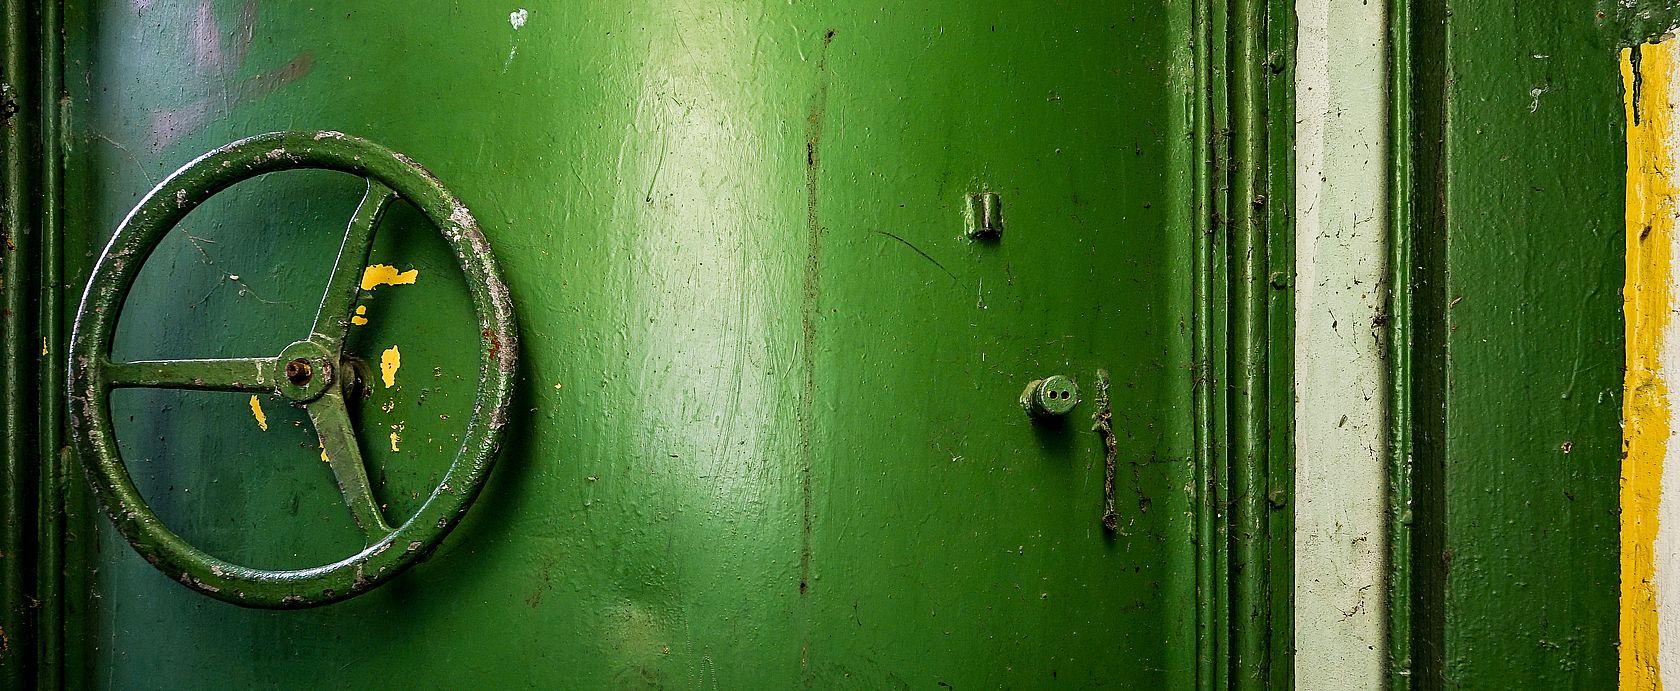 Verlassener Bunker m Wald